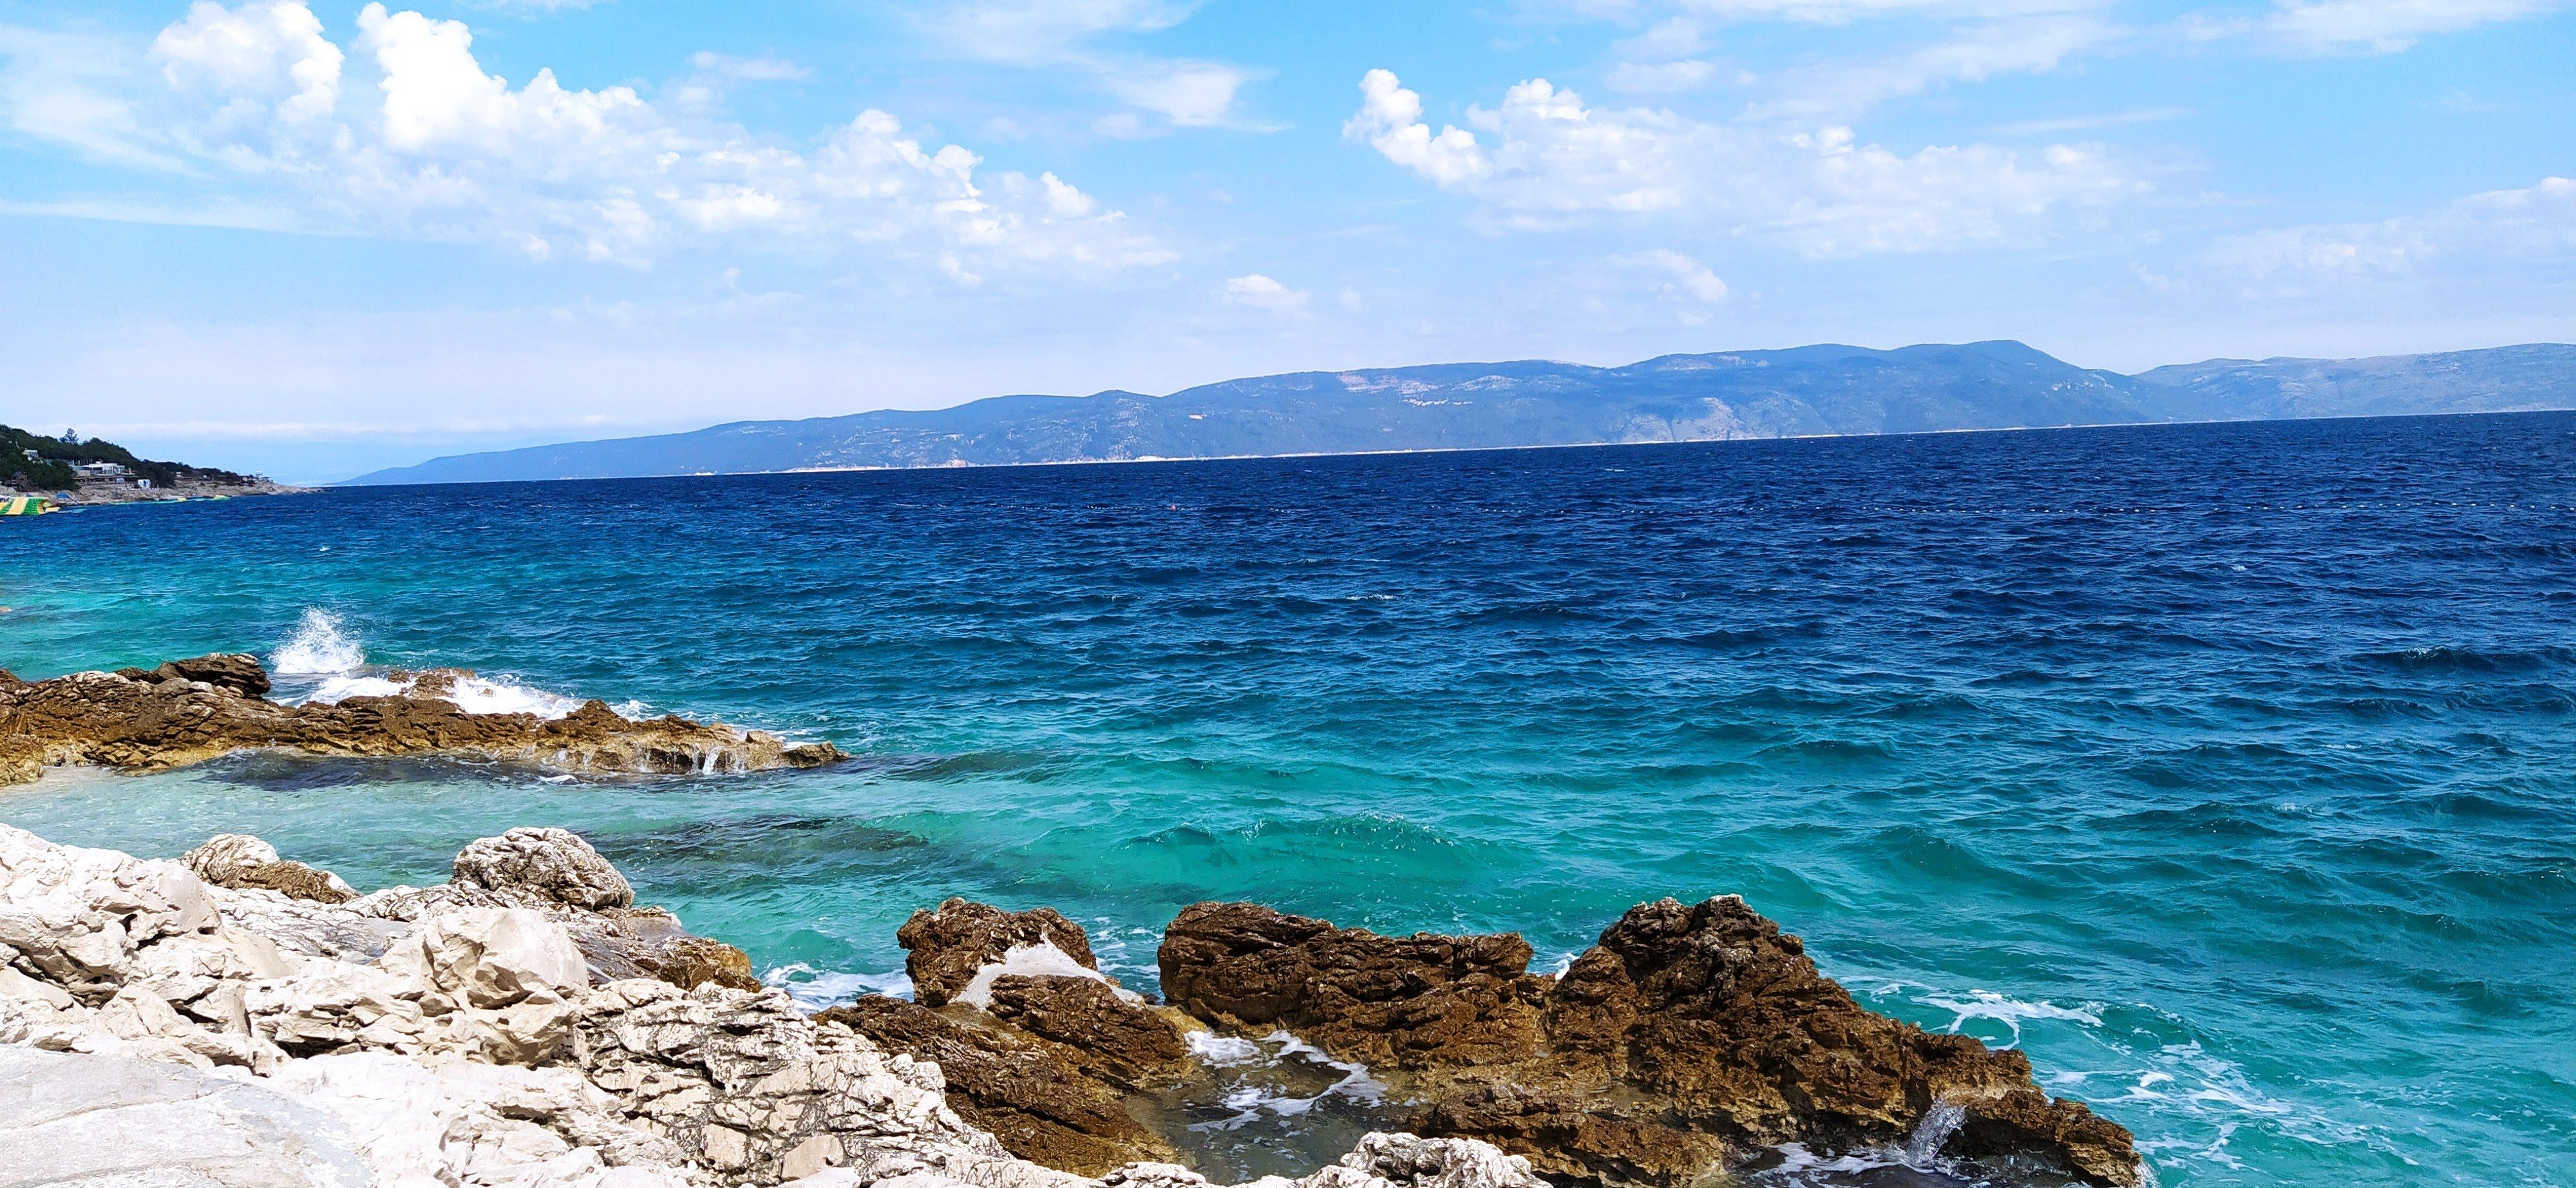 tiefblaues Meer - ein Traum